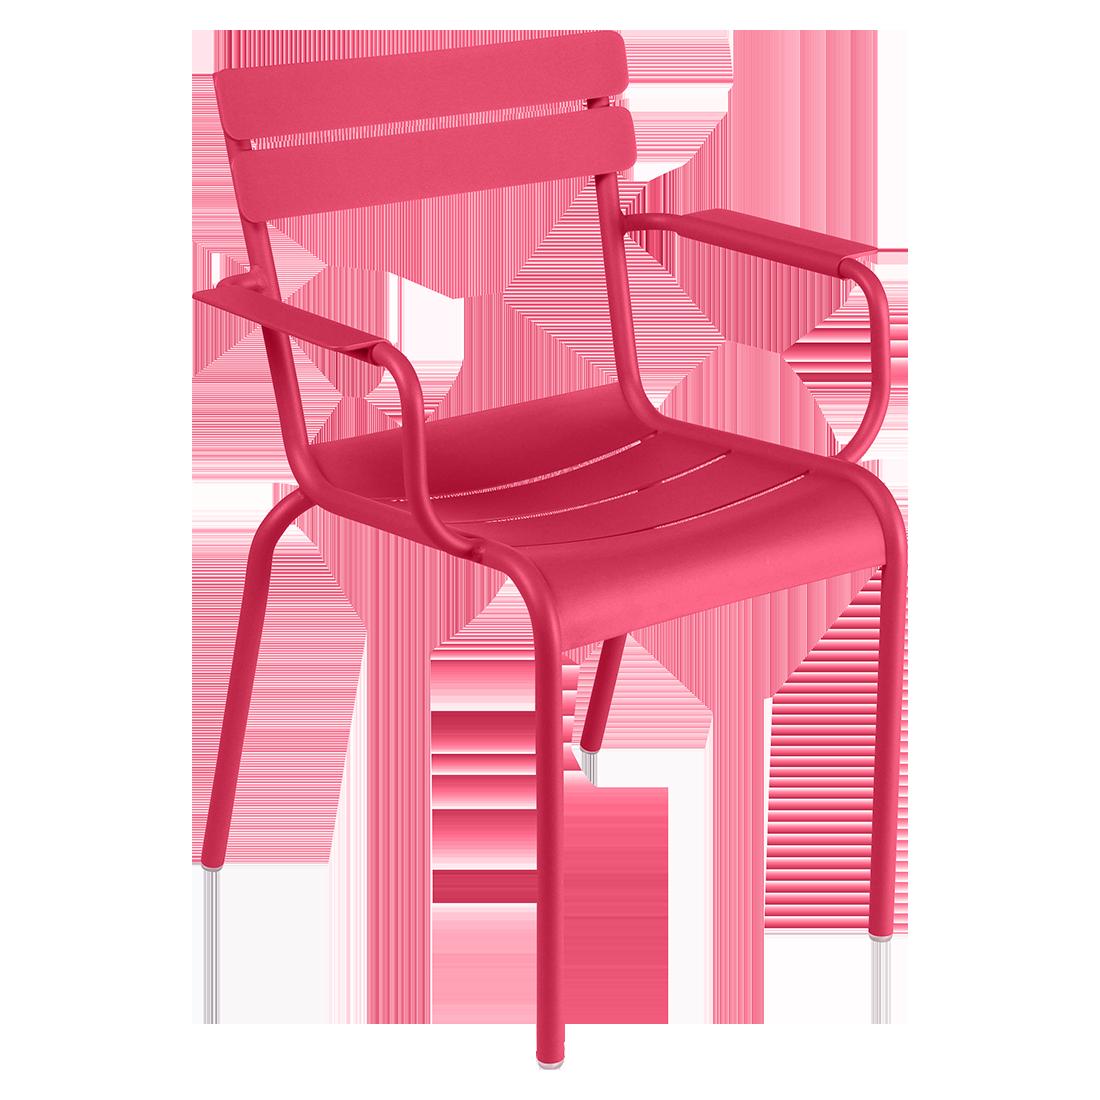 chaise metal, chaise fermob, chaise de jardin, chaise rose, chaise avec accoudoir